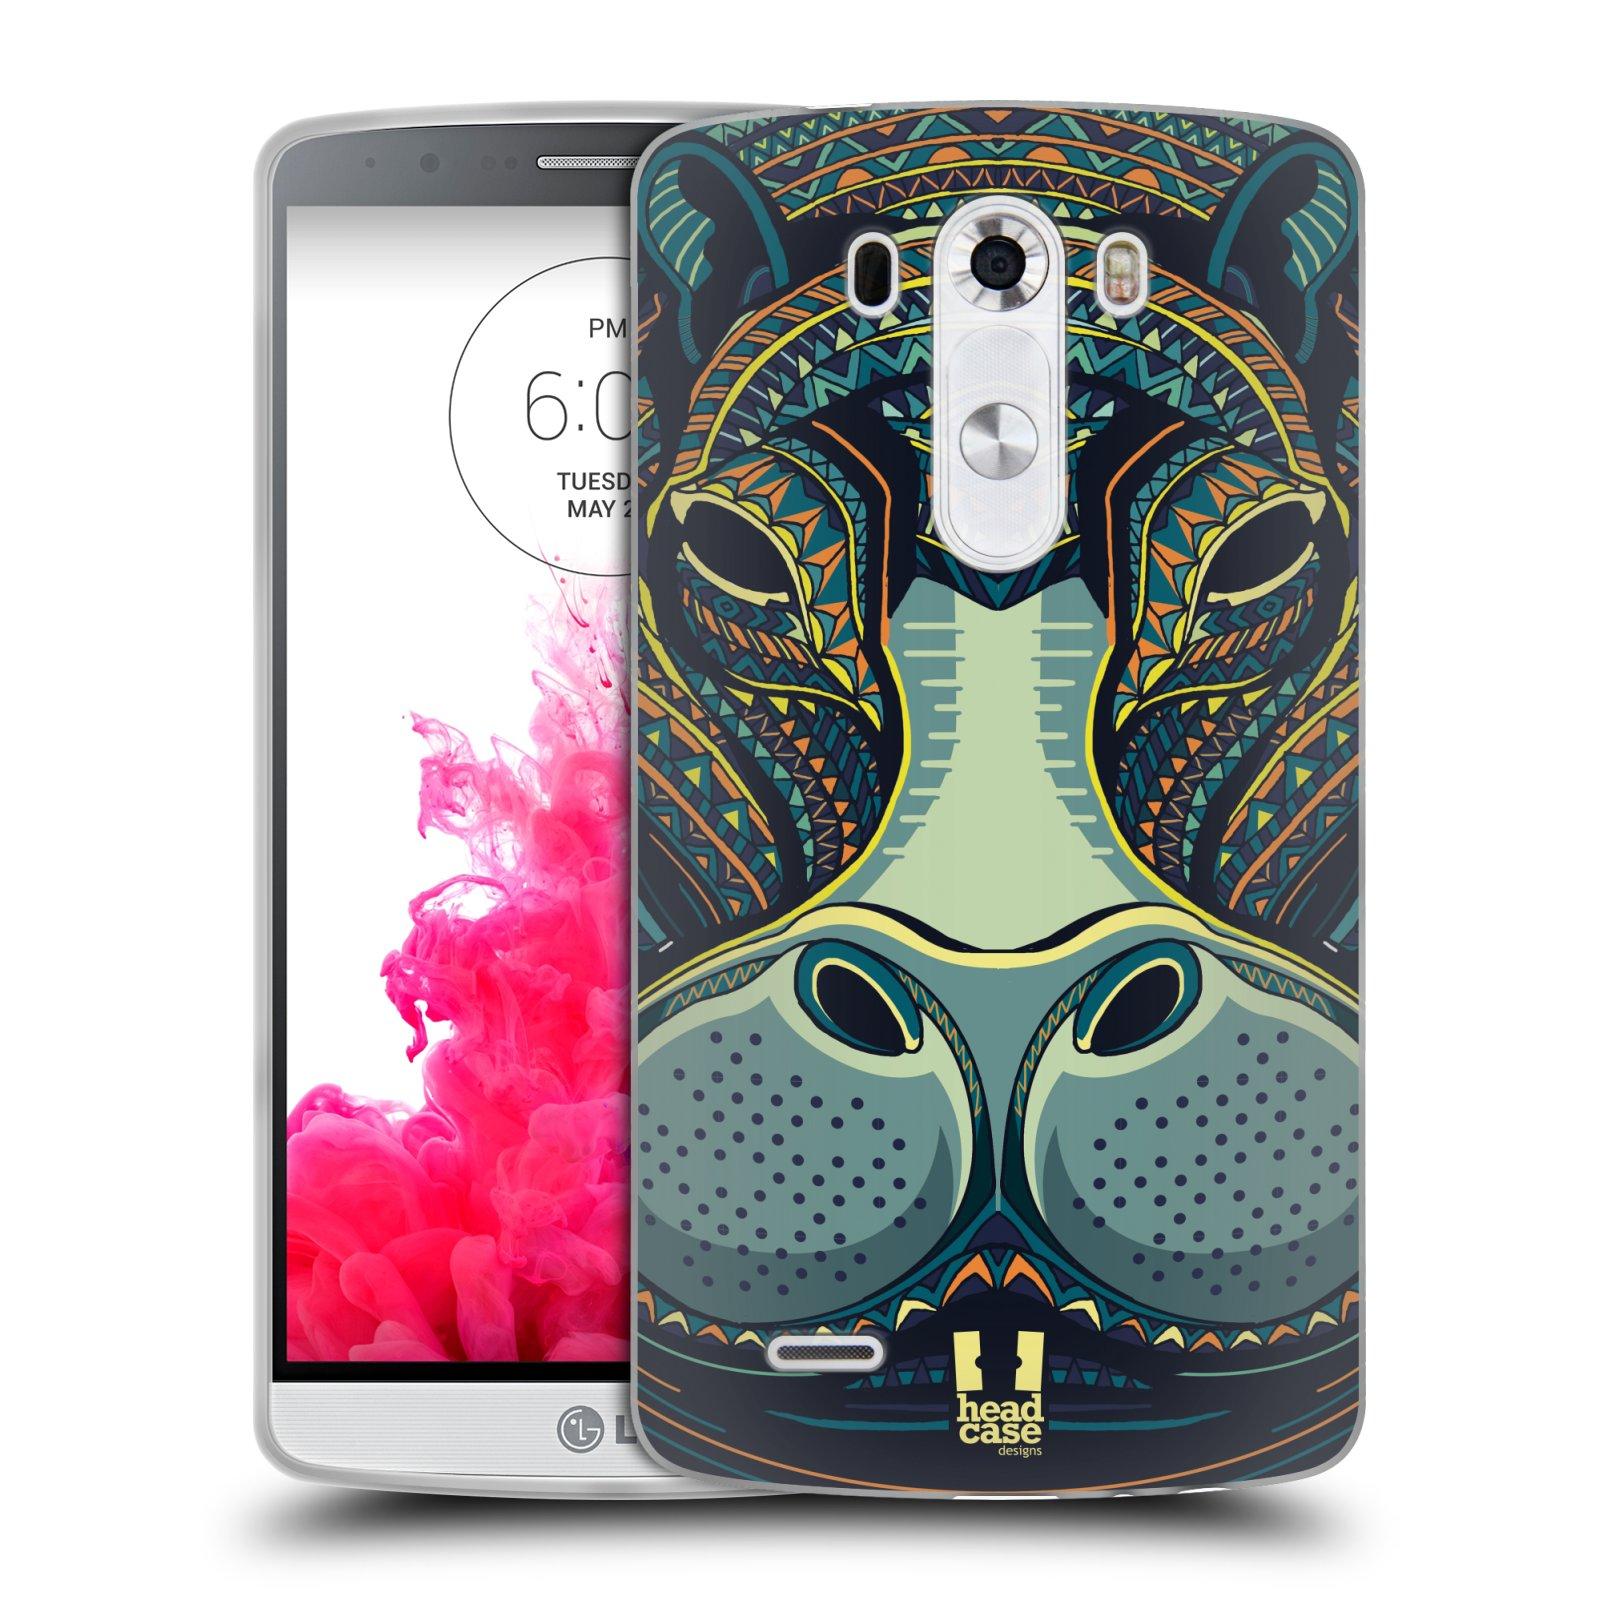 Silikonové pouzdro na mobil LG G3 HEAD CASE AZTEC HROCH (Silikonový kryt či obal na mobilní telefon LG G3 D855)